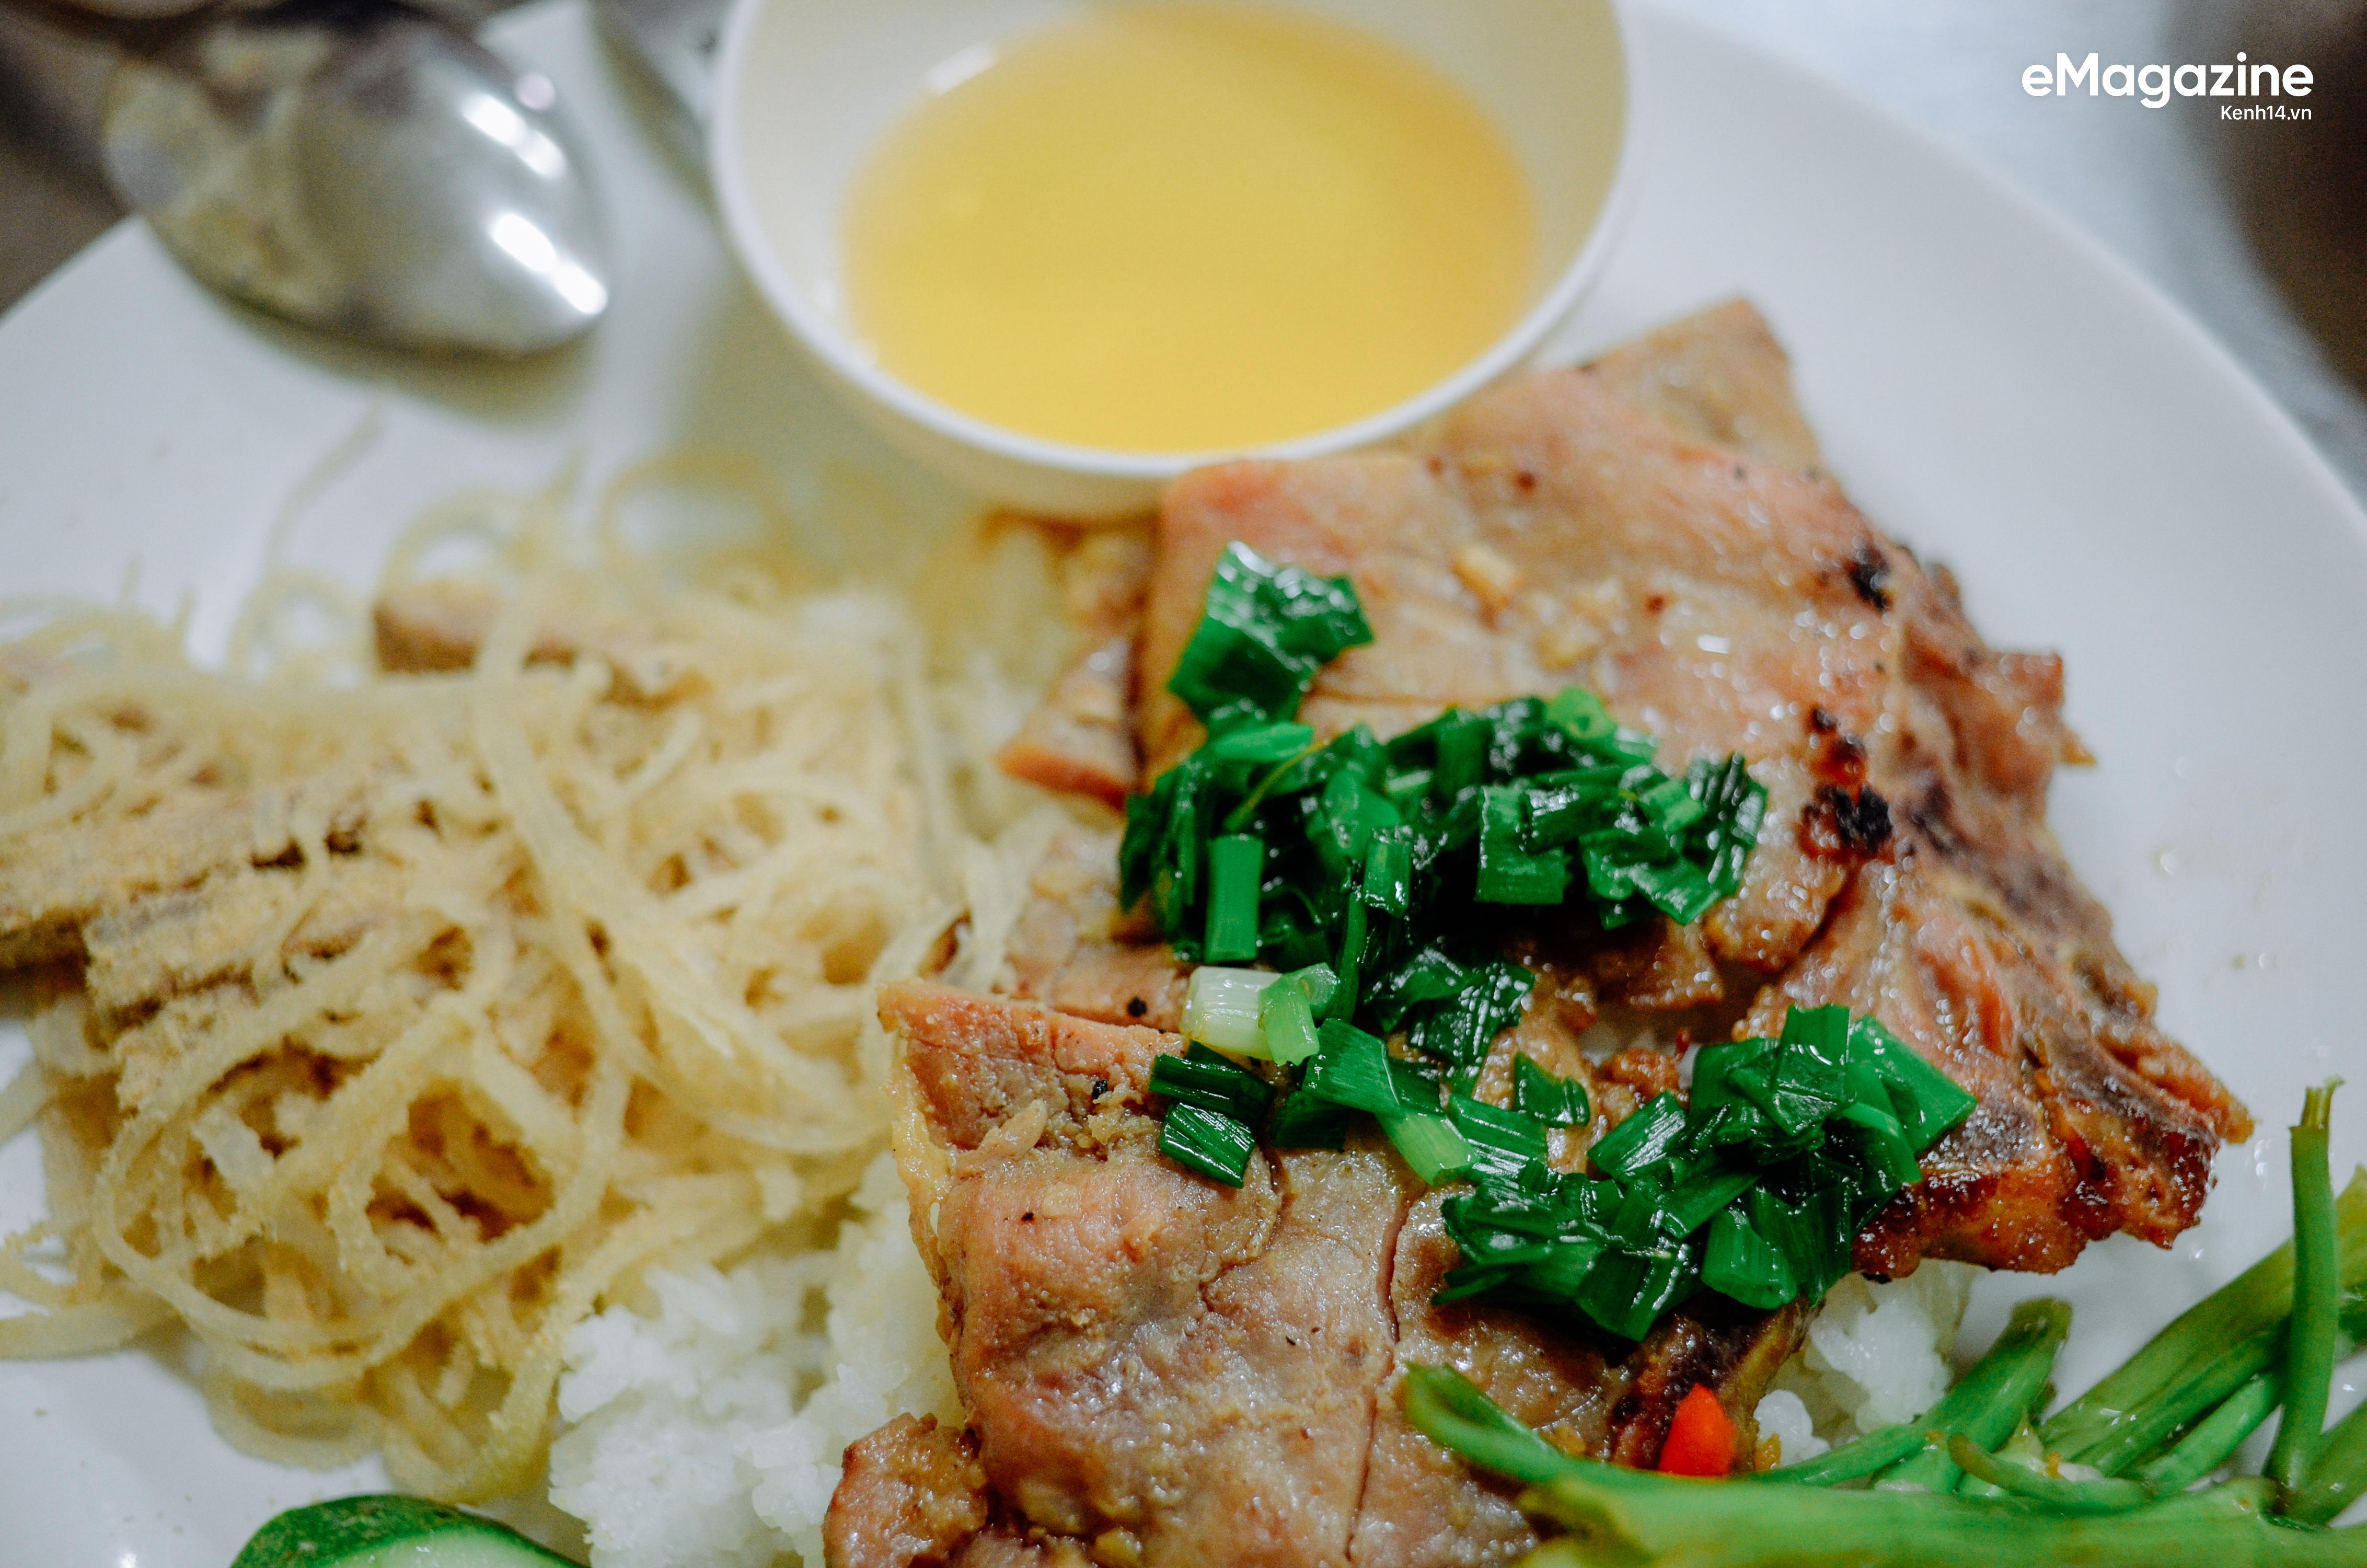 Người Sài Gòn thích ăn gì buổi sáng? - Ảnh 4.